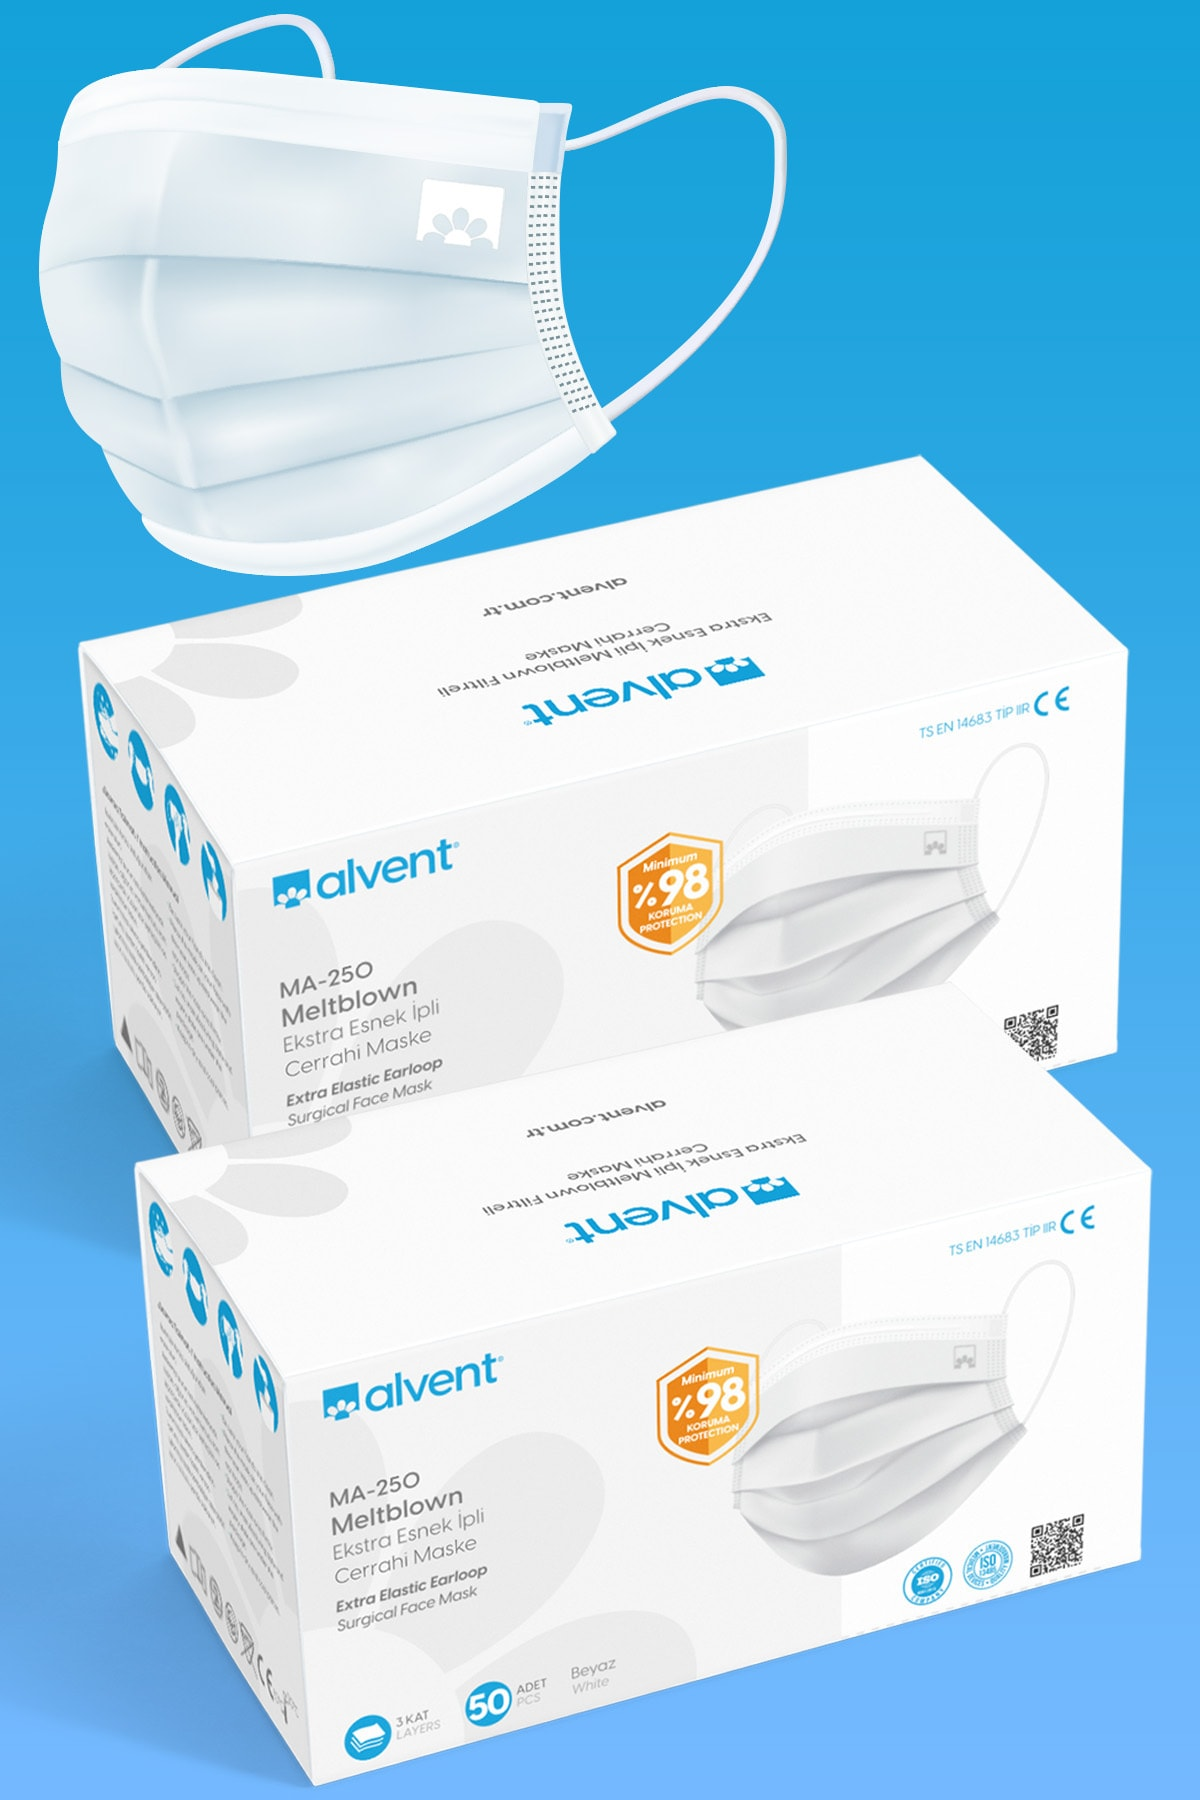 Beyaz 3 Katlı Telli Meltblown Filtreli Cerrahi Maske 100 Adet Telli Ma-250